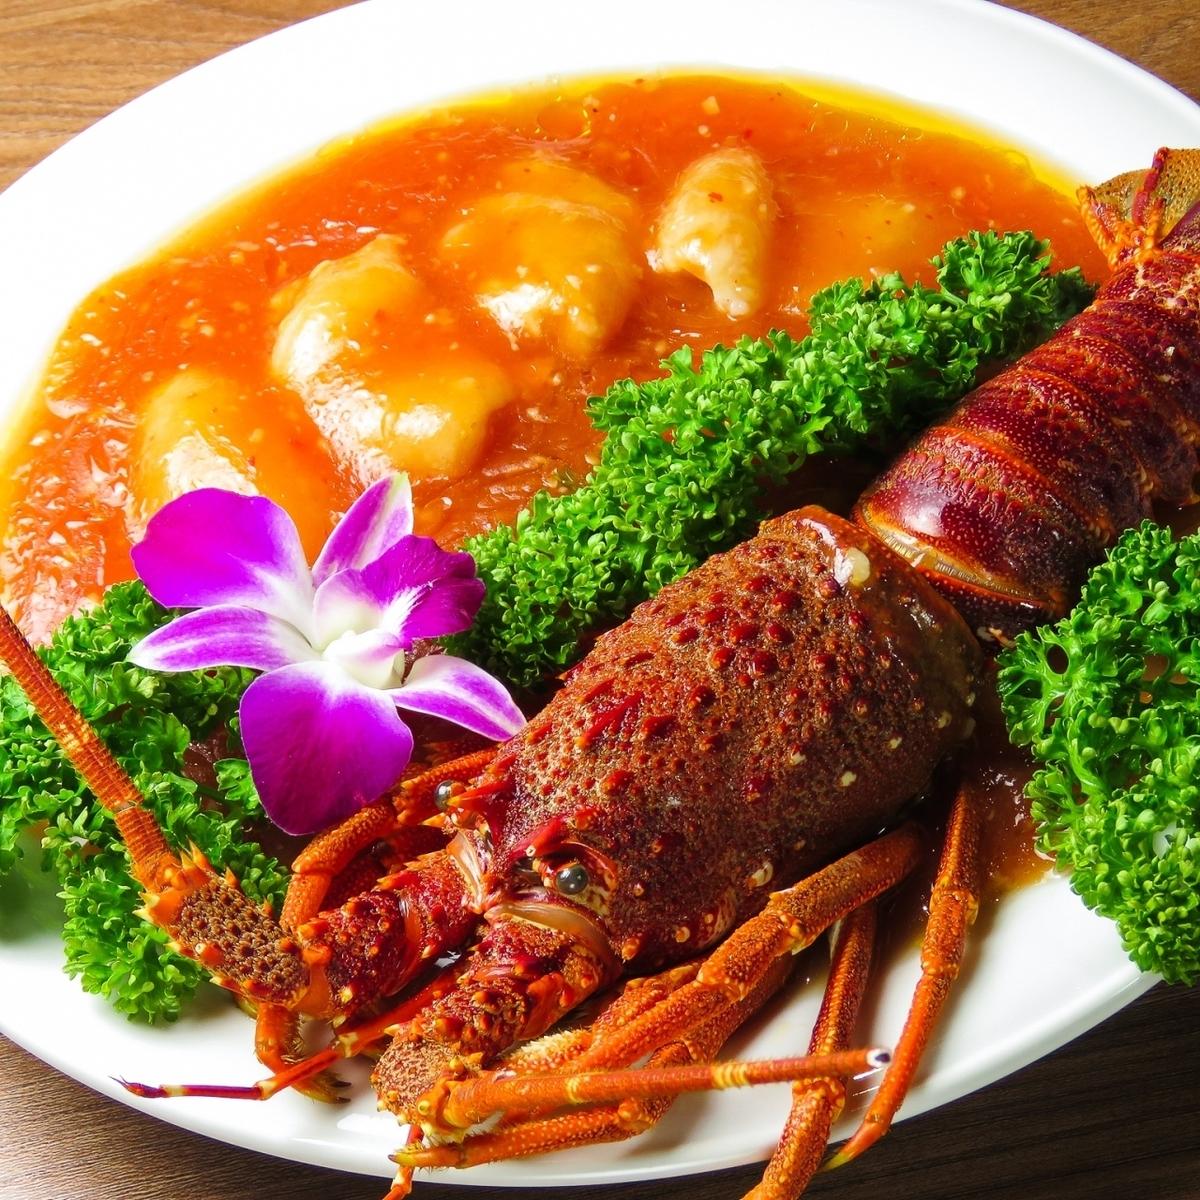 """伊勢蝦的辣椒醬""""精製奢侈食品配料的炒蝦"""""""